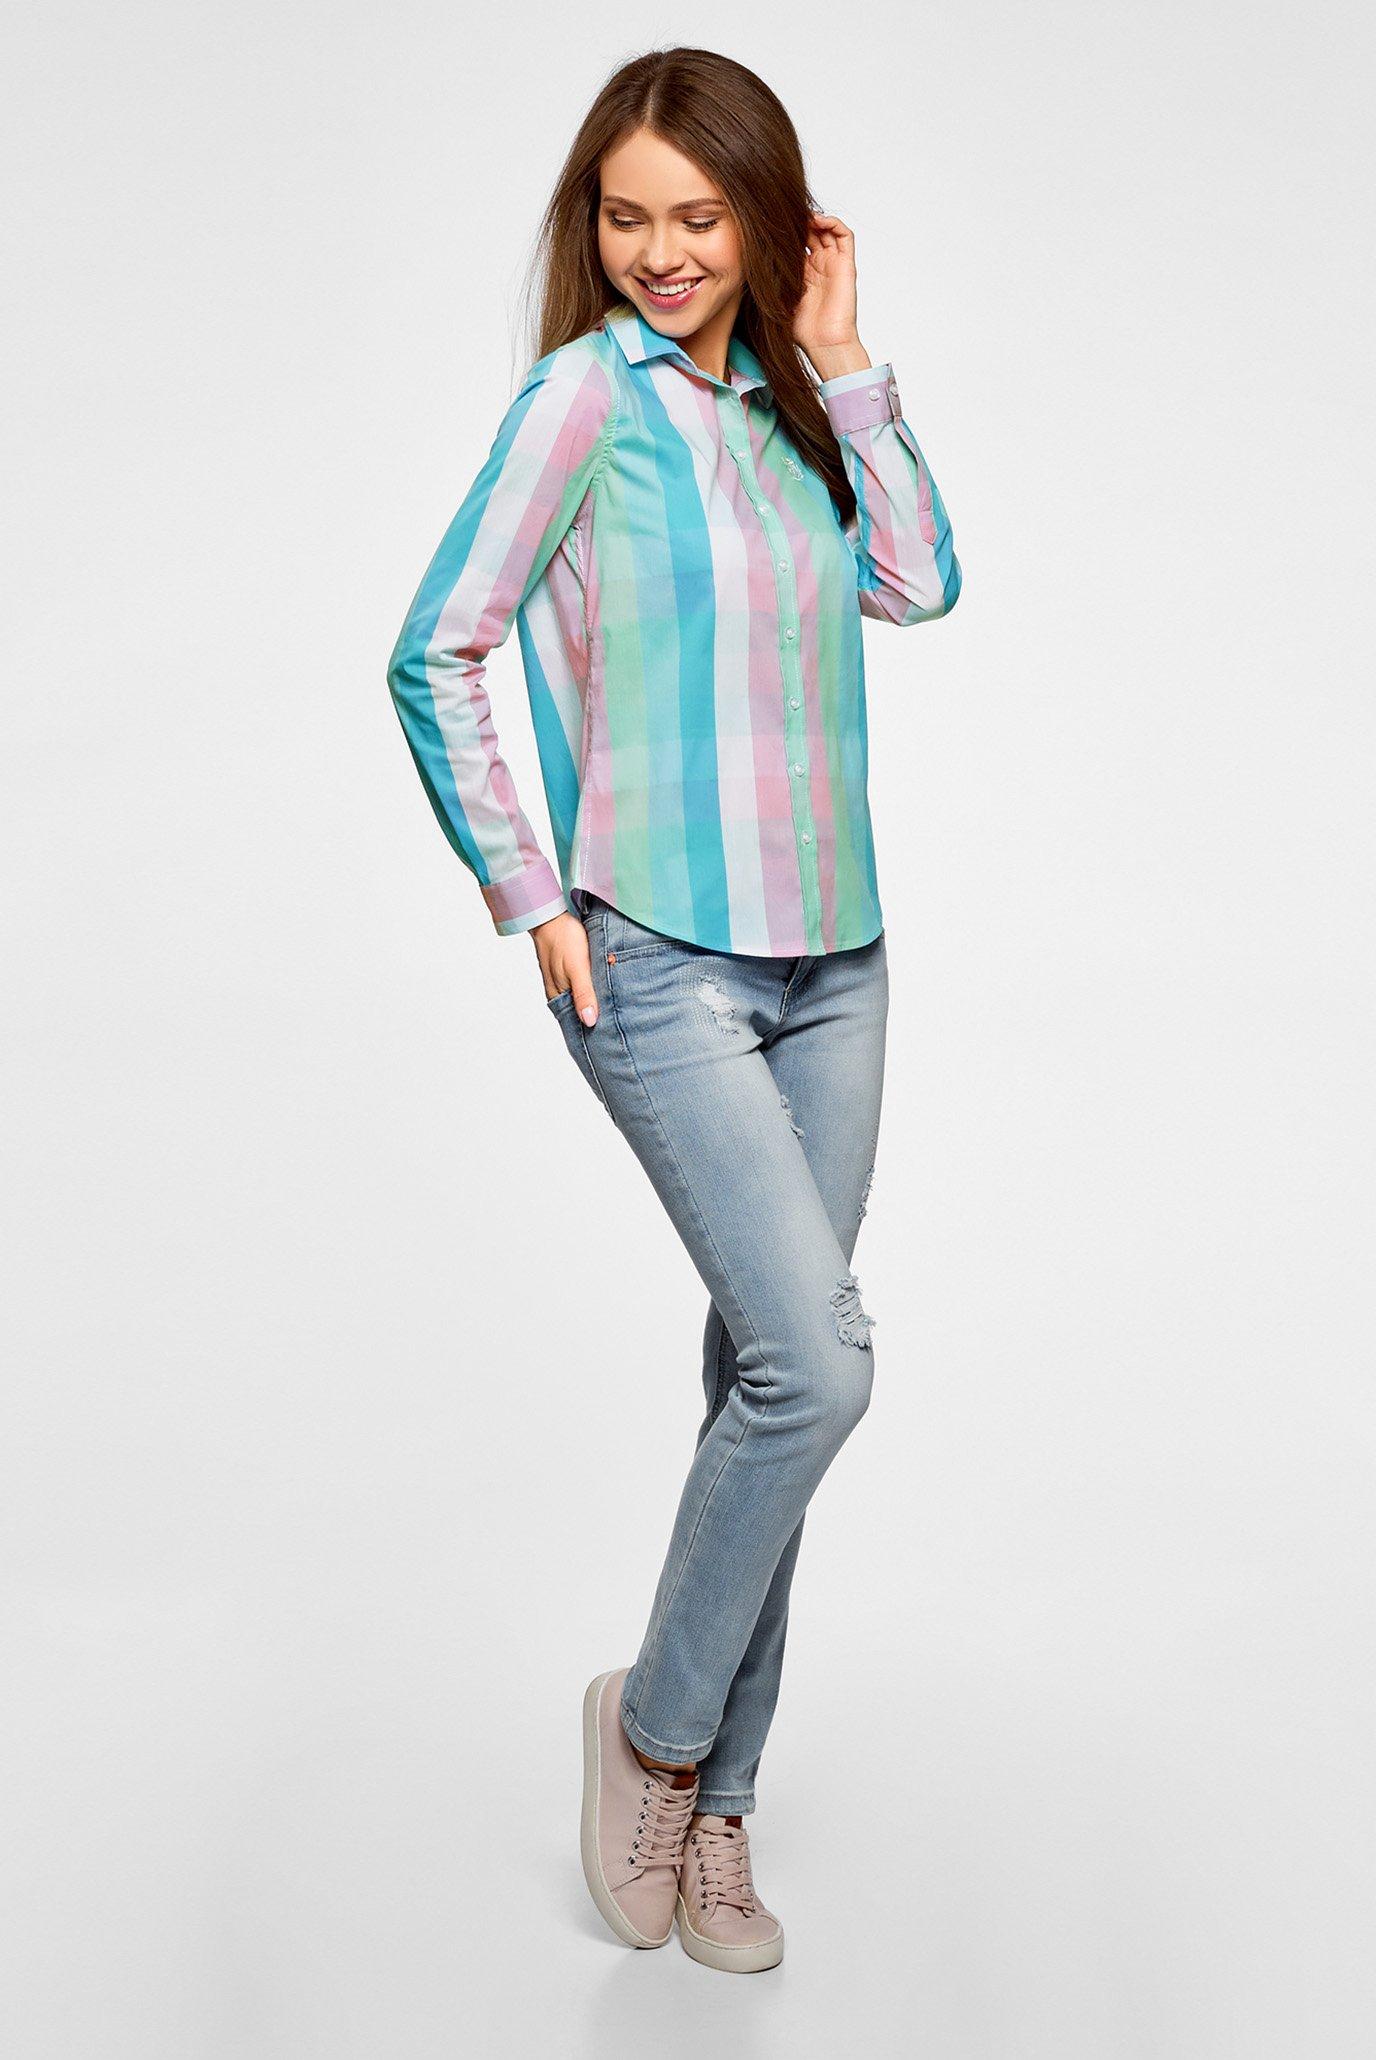 d4bc21f0b654 Купить Женская ментоловая рубашка в клетку Oodji Oodji 11411131 ...